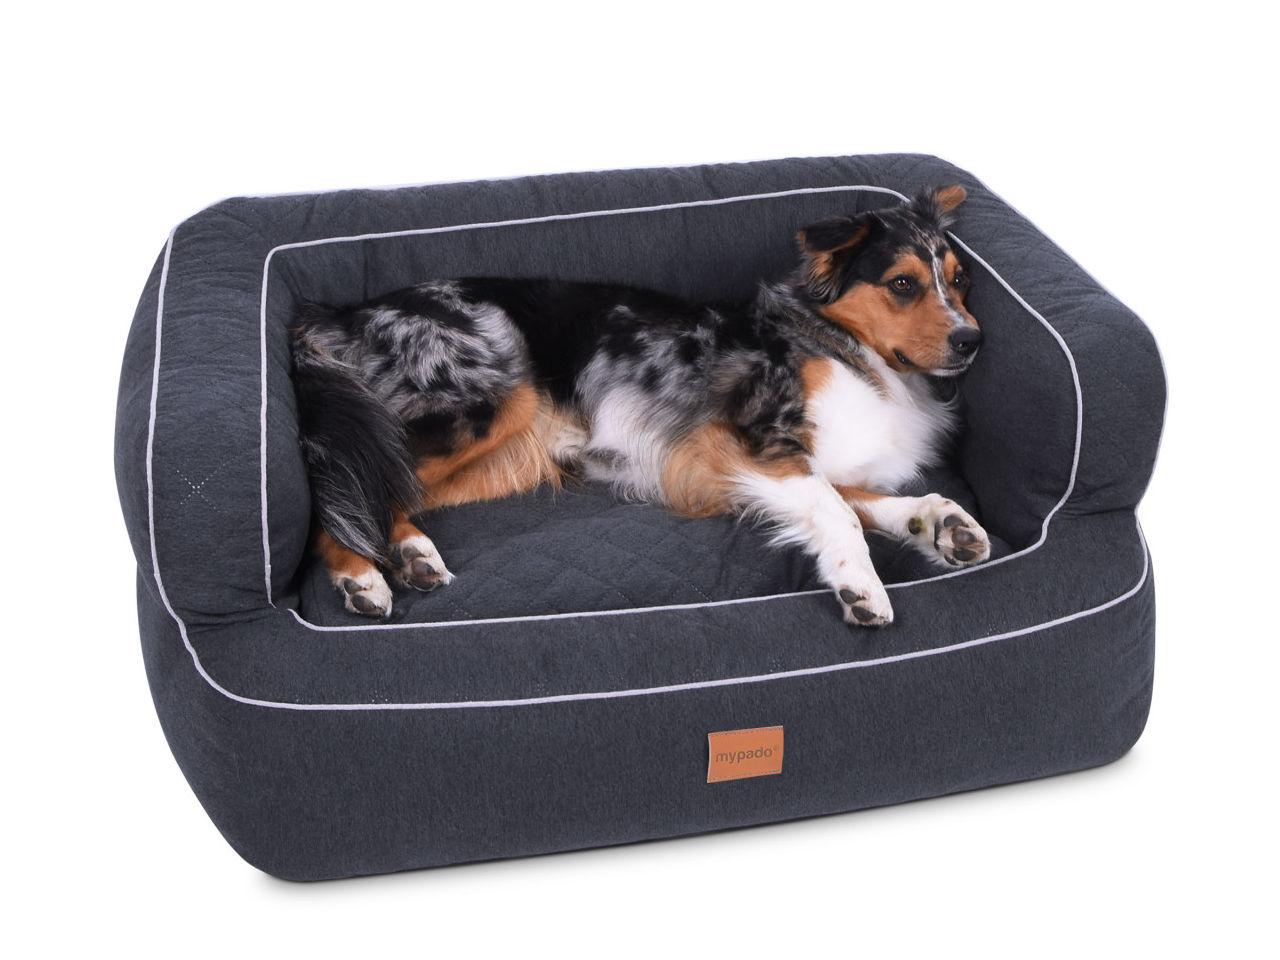 Mypado Luxus Hundebett anthrazit